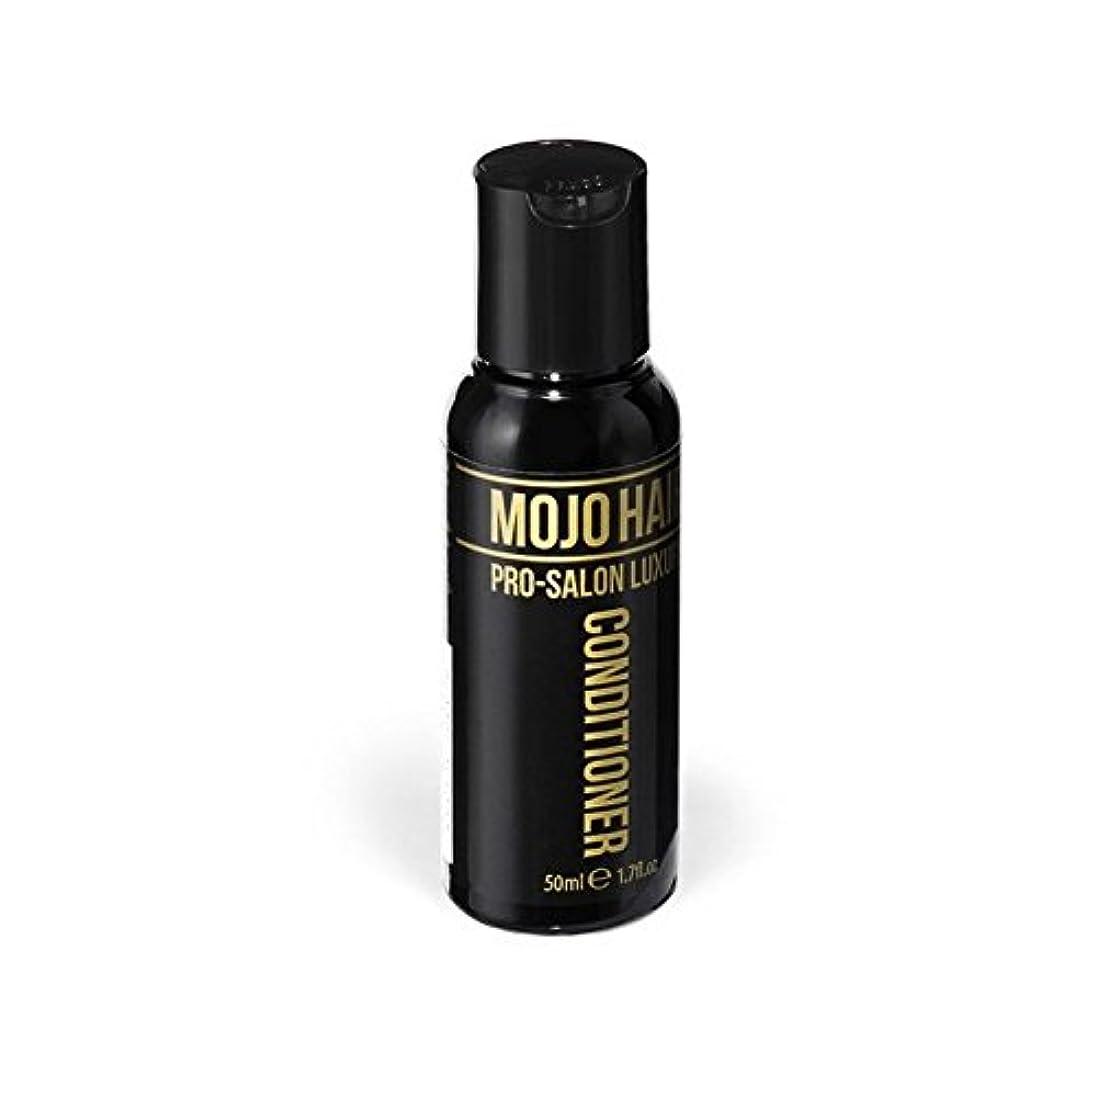 ゆるく理想的川Mojo Hair Pro-Salon Luxury Conditioner (50ml) (Pack of 6) - モジョの毛プロのサロンの贅沢なコンディショナー(50ミリリットル) x6 [並行輸入品]